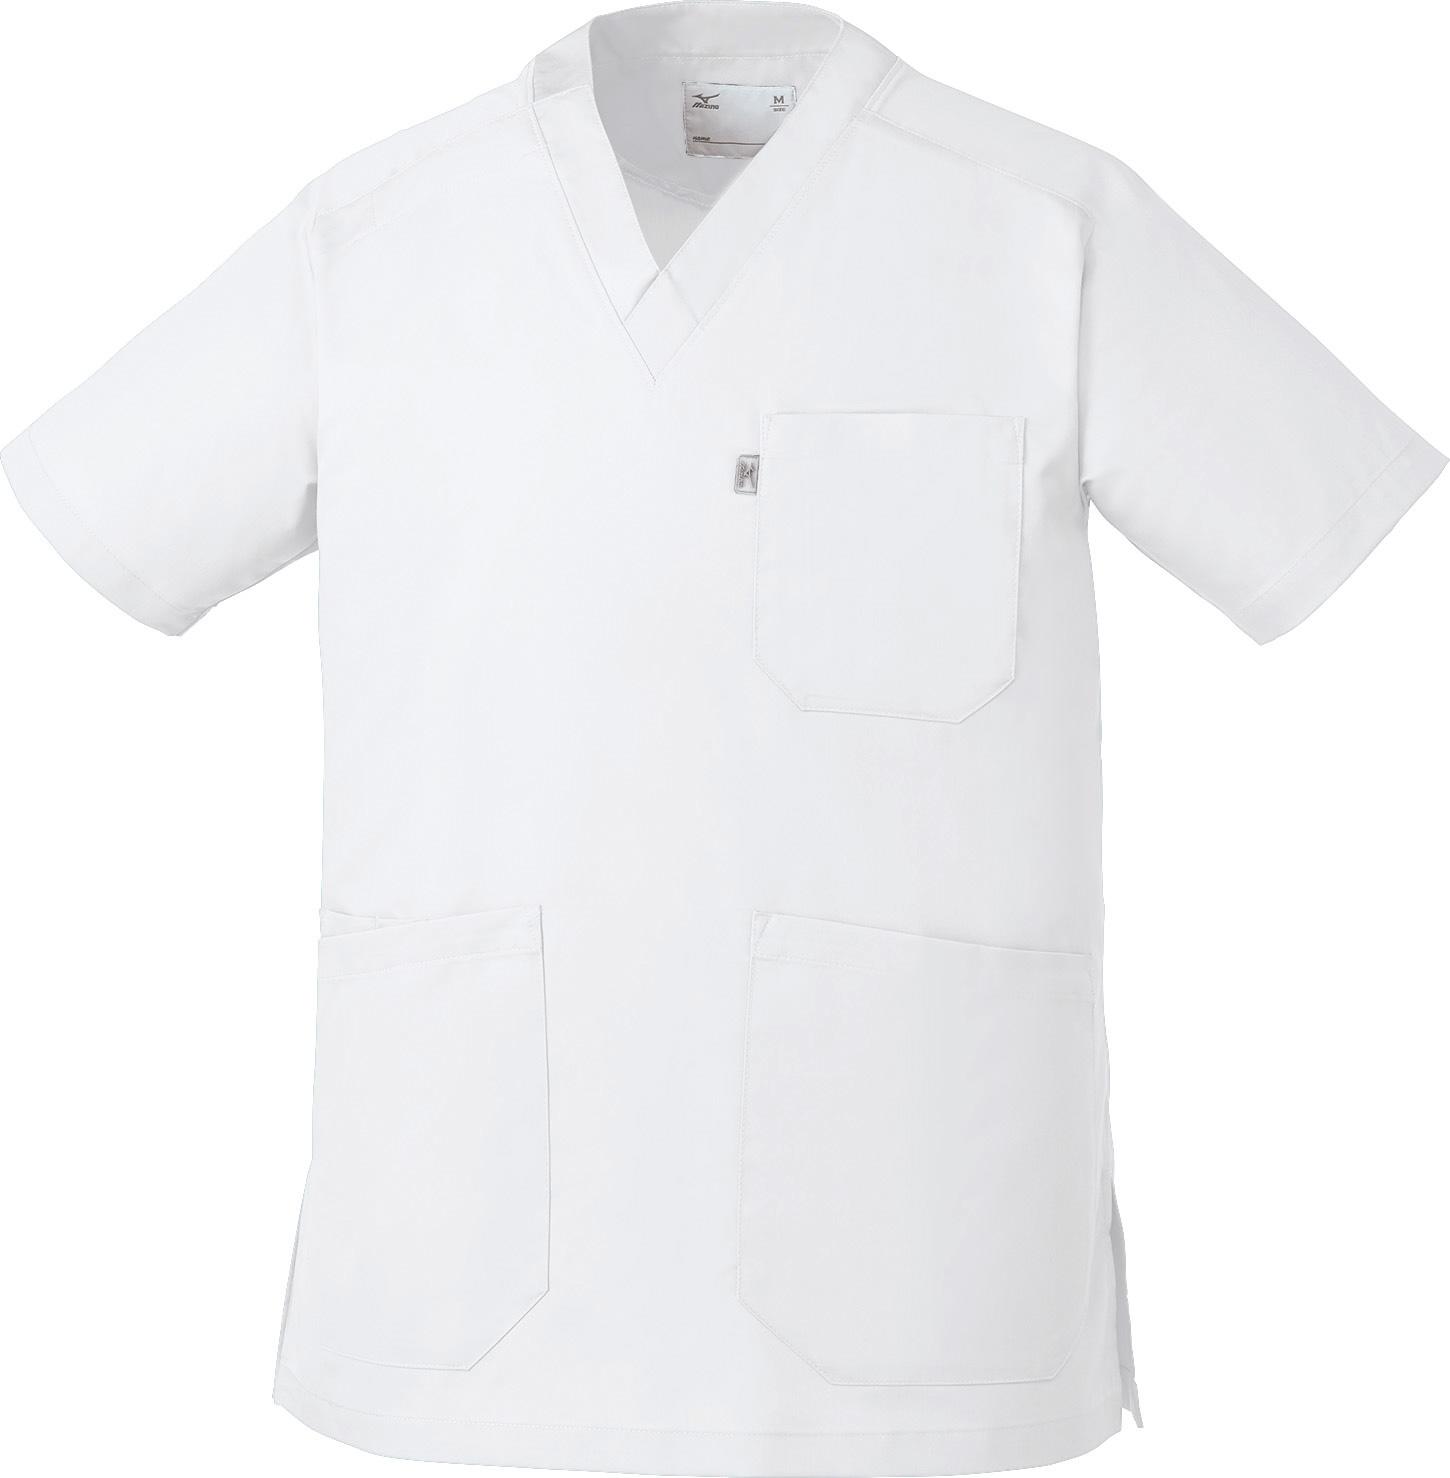 ミズノ ストレッチスクラブ(男女兼用)販売。刺繍、プリント加工対応します。研修医、医療チームウェアに人気